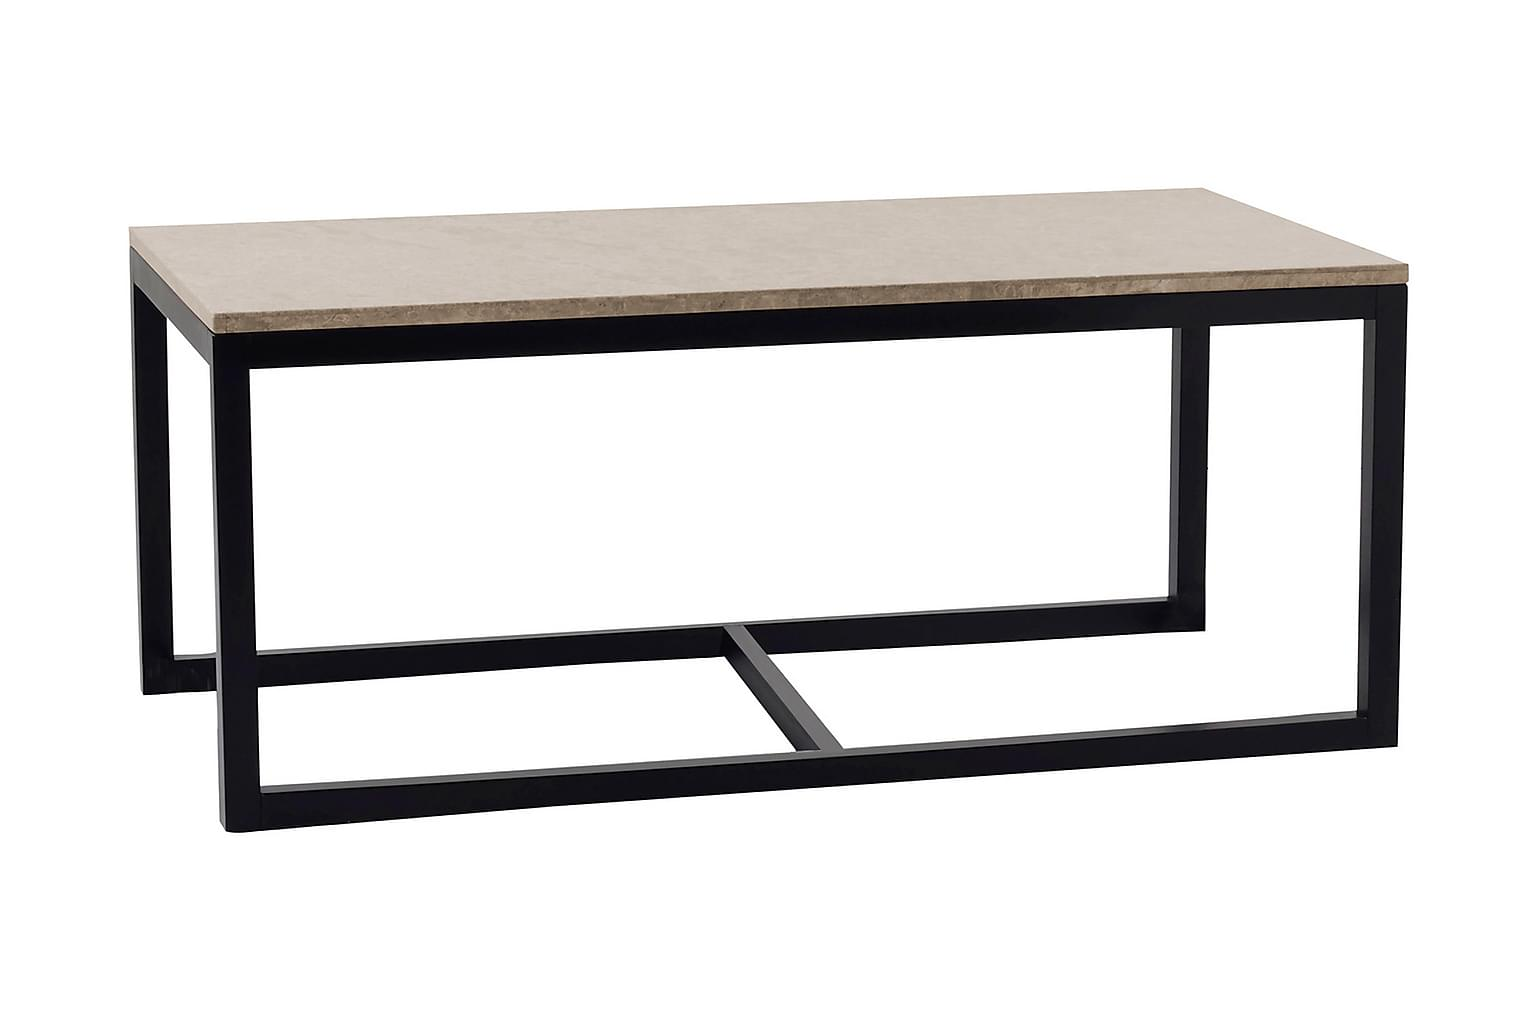 ADELAINE Sohvapöytä B 120 Hiekka/Musta